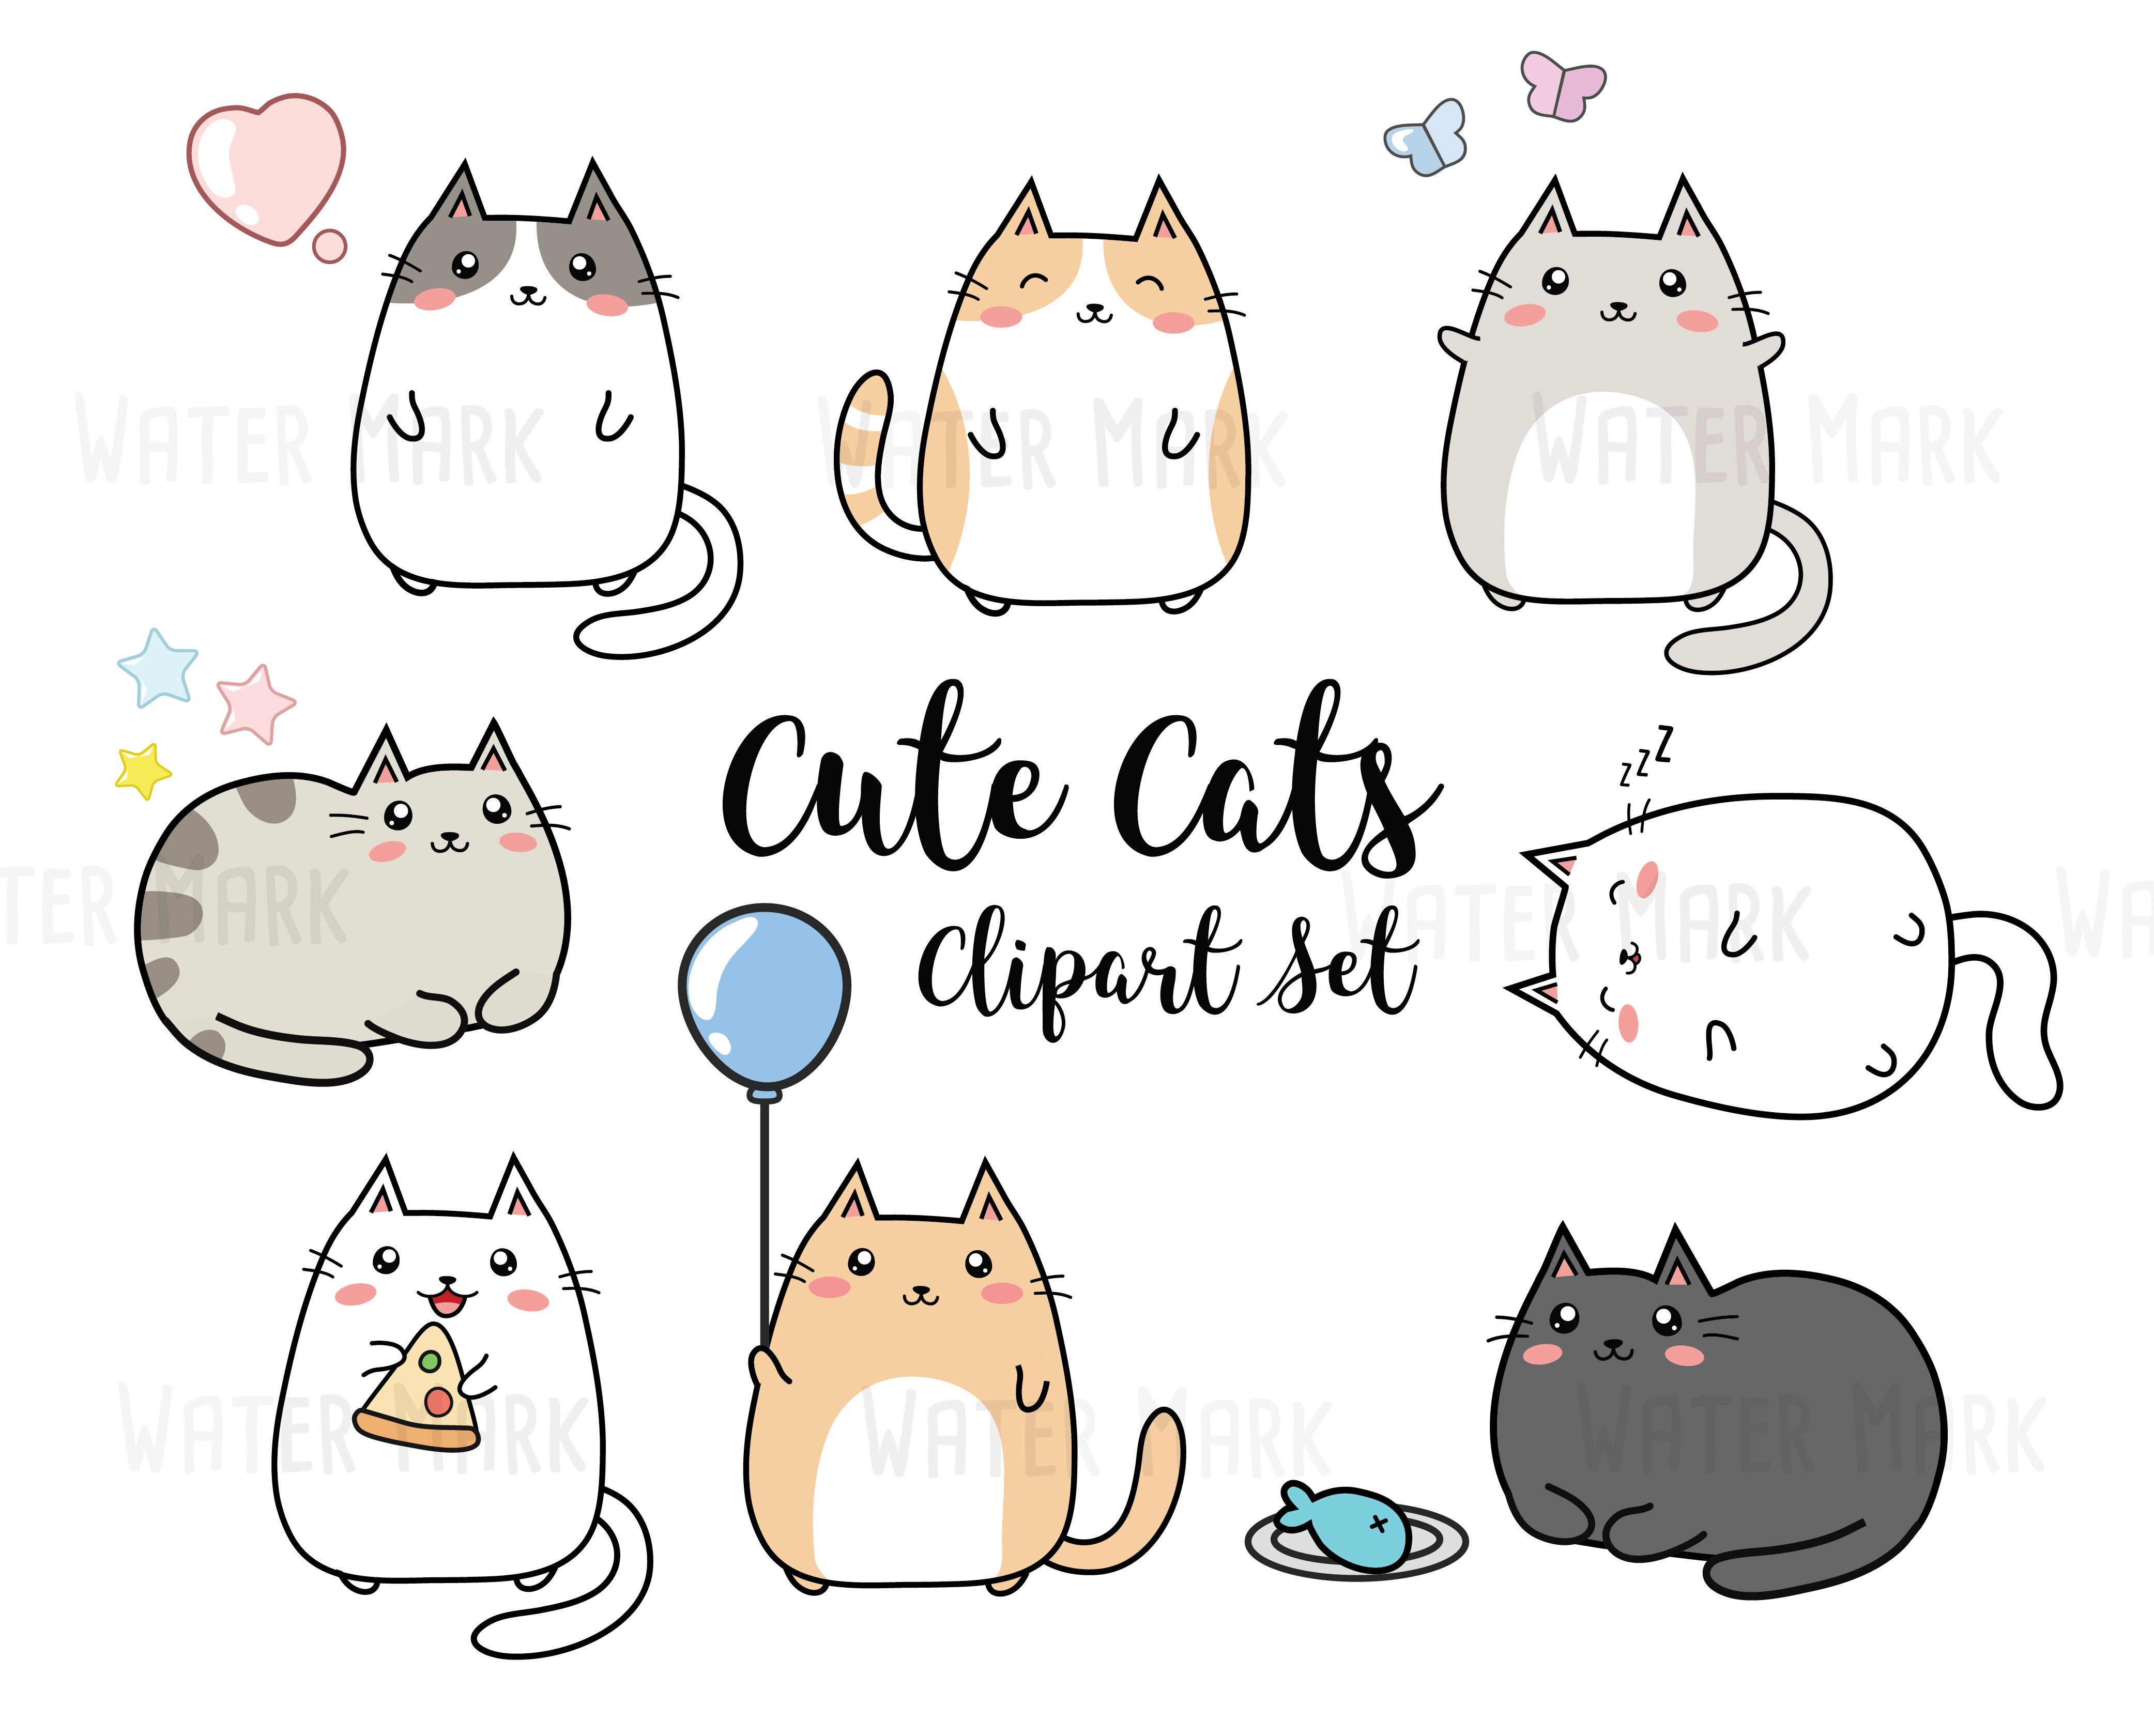 Tuxedo Cat Stock Illustrations, Cliparts And Royalty Free Tuxedo Cat Vectors